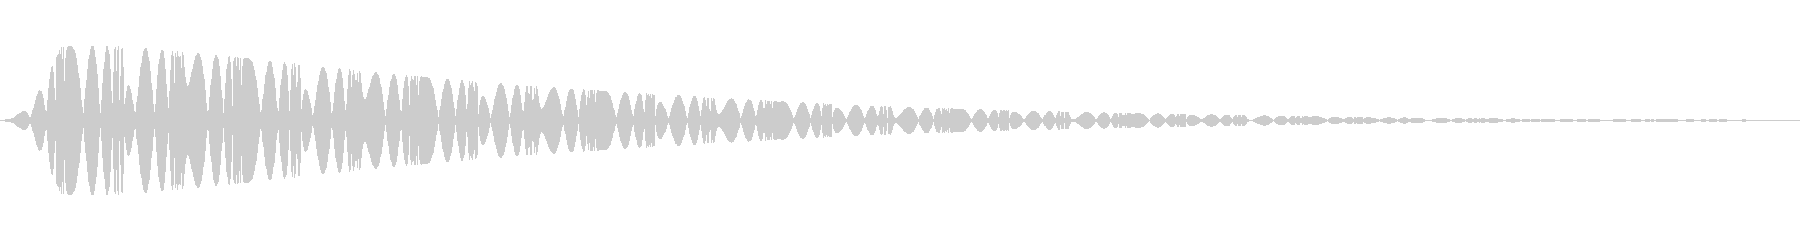 特撮にありそうな電子音の未再生の波形